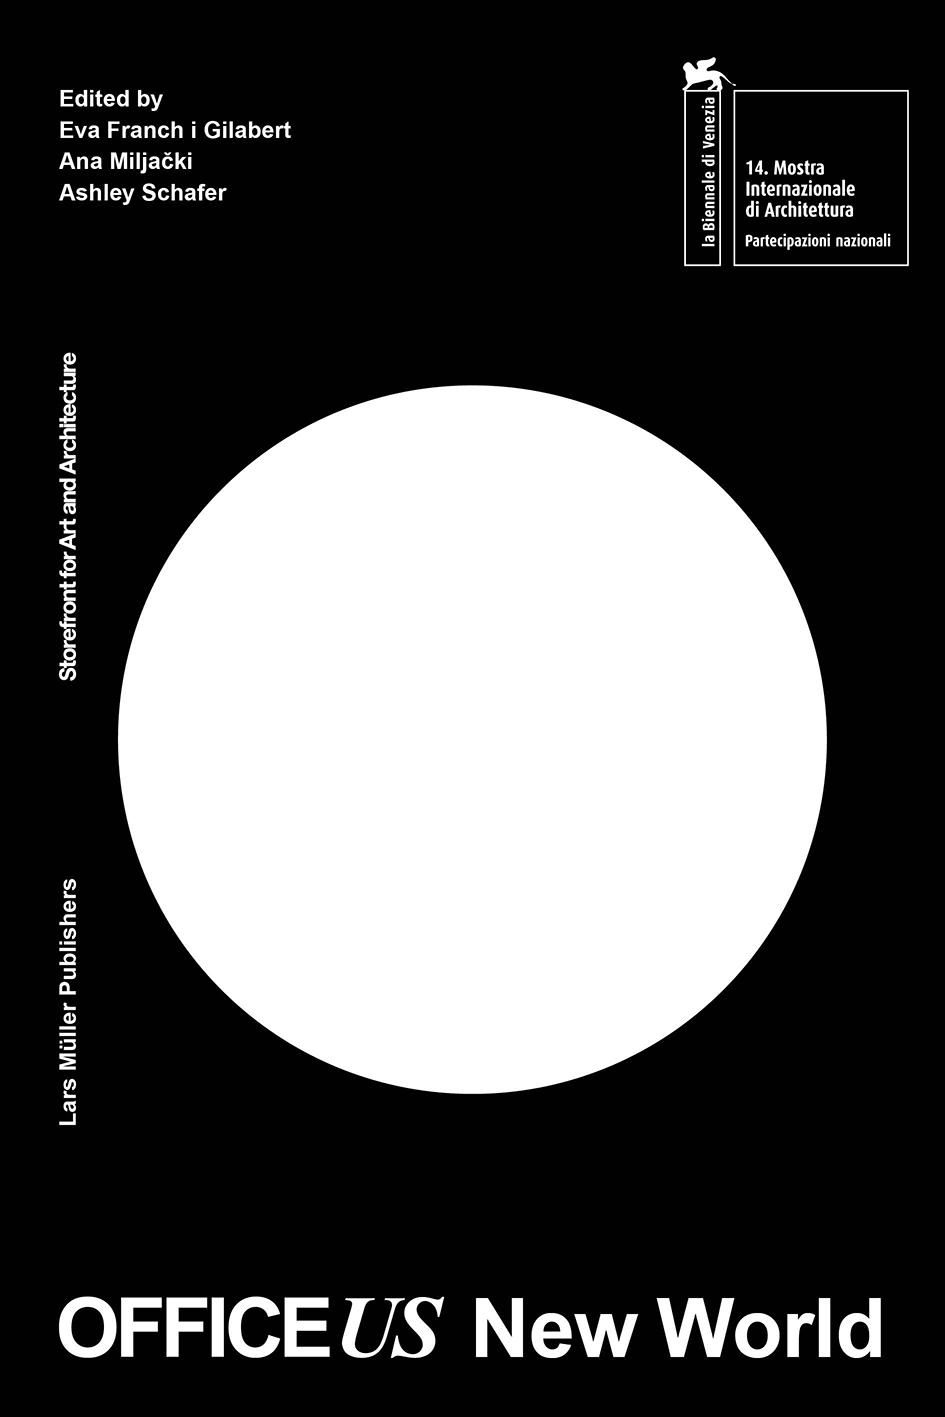 Biennale_covers4.png